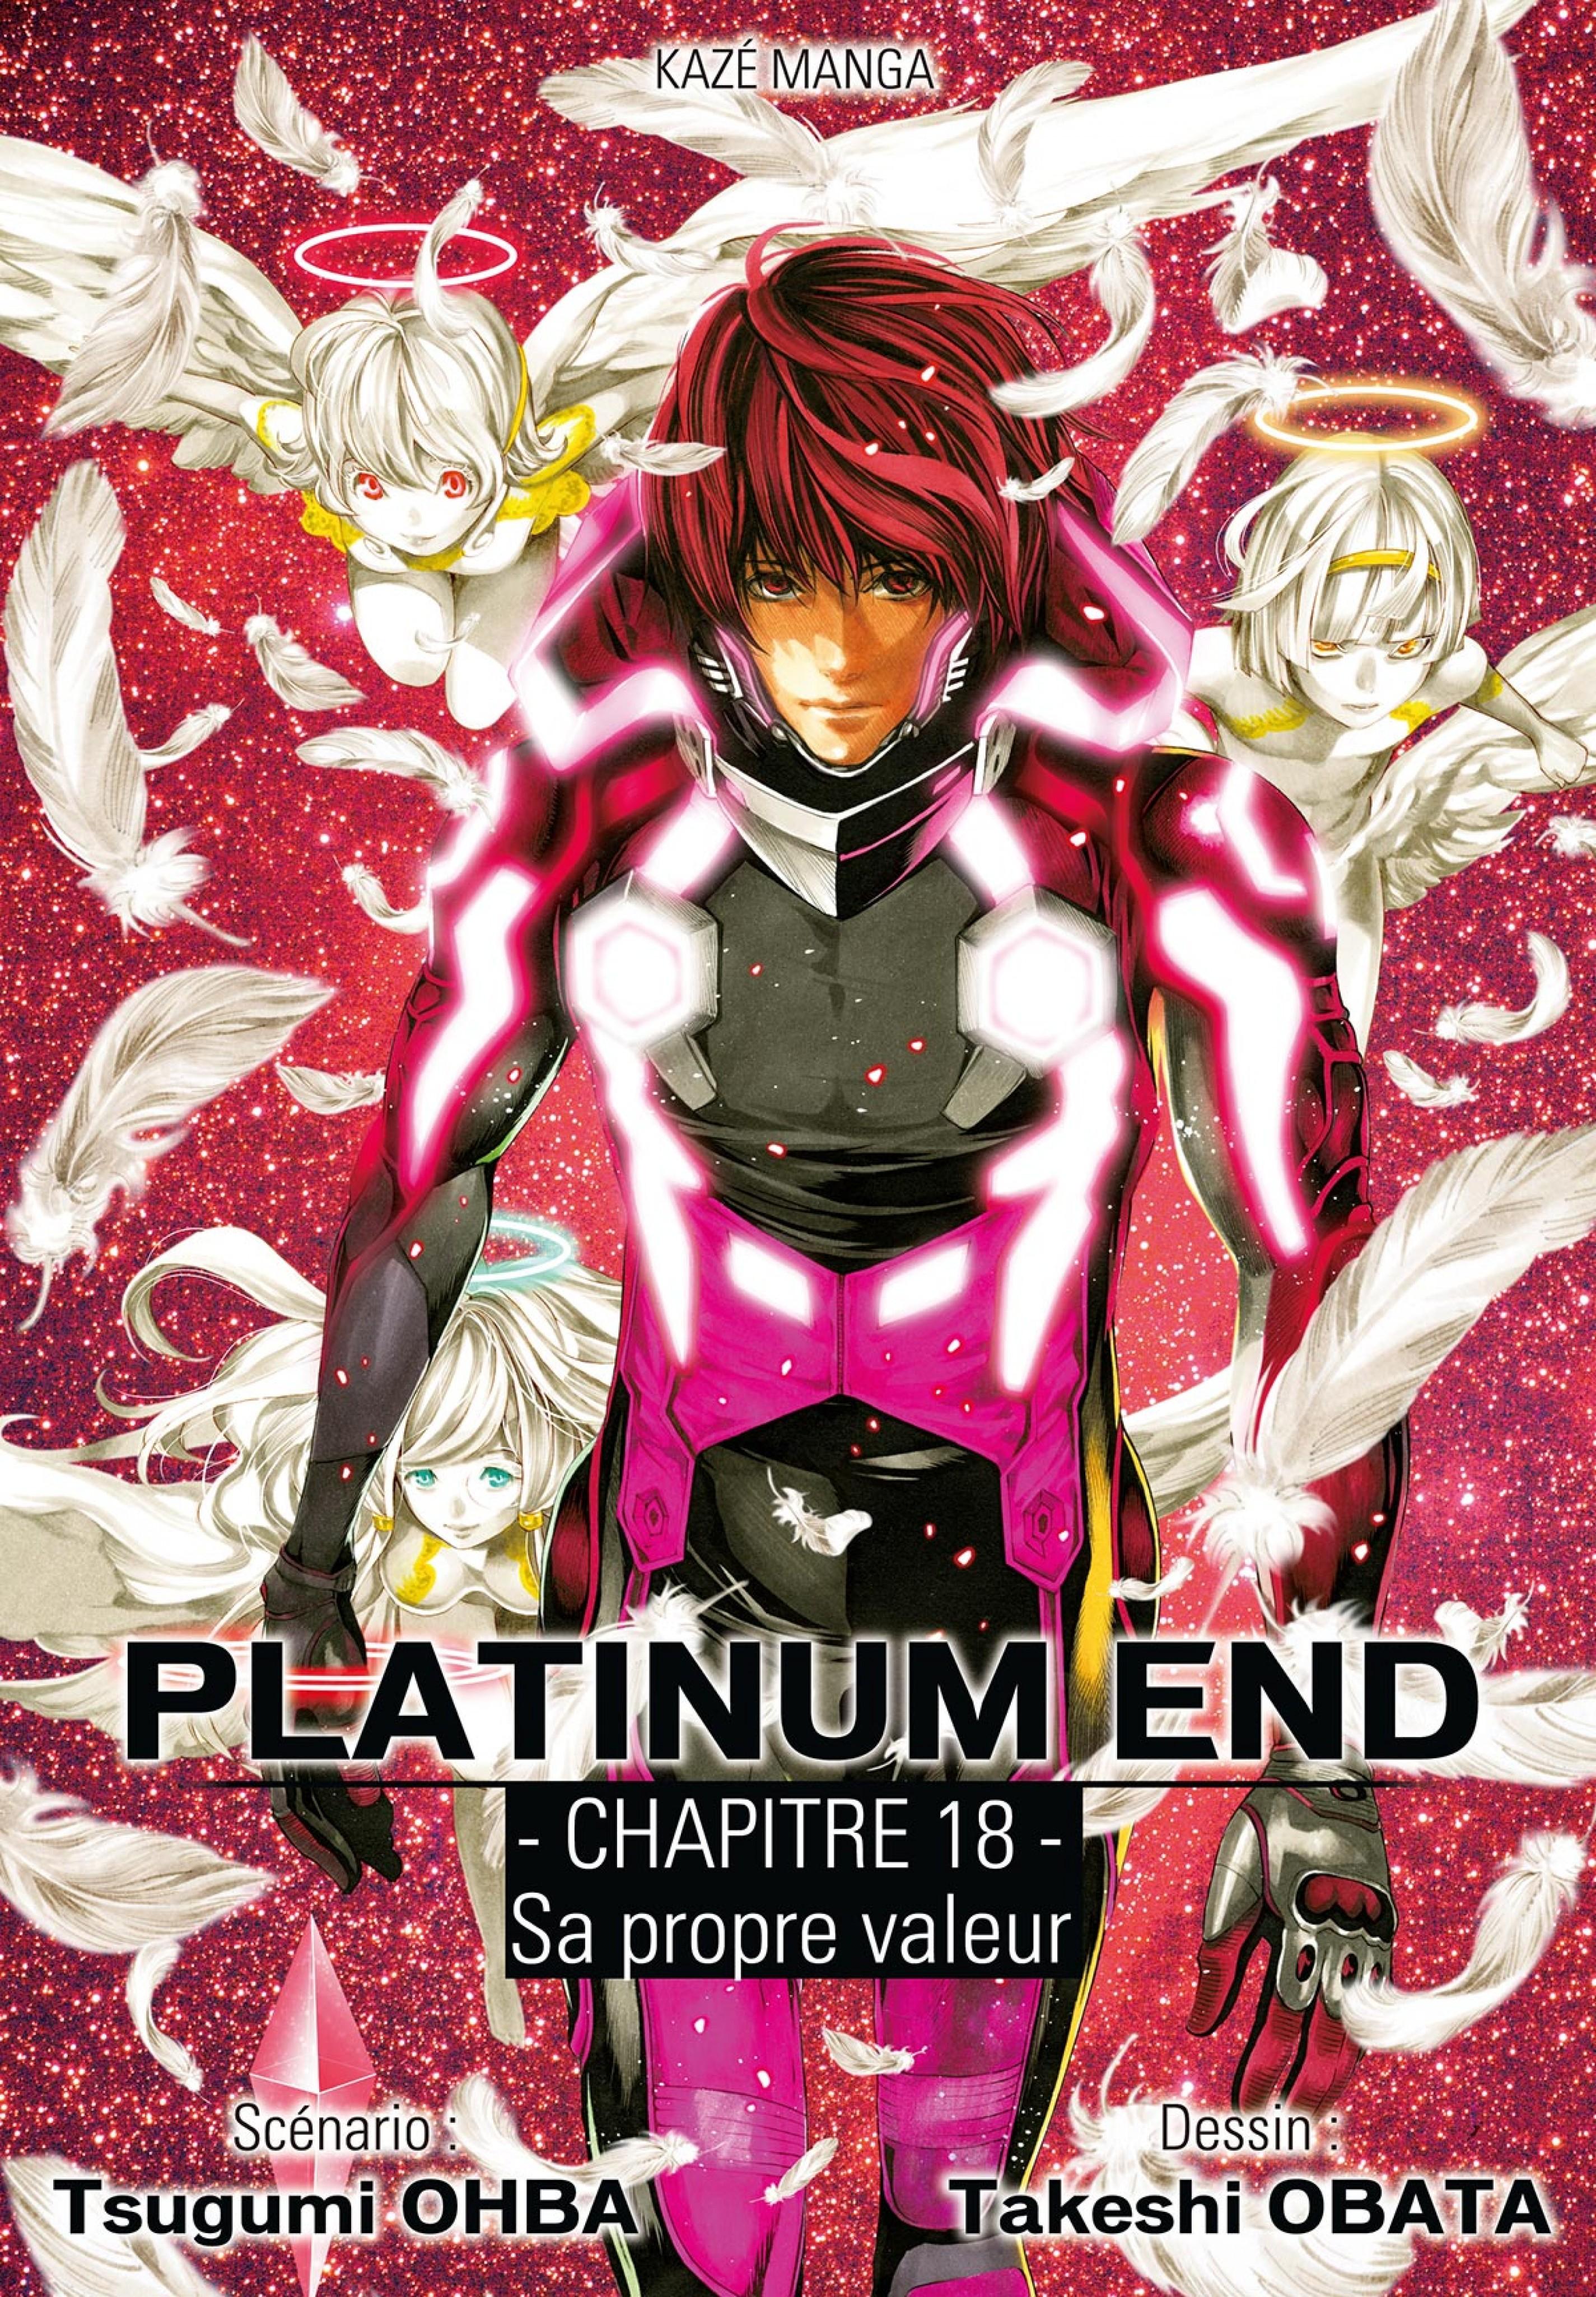 Platinum end - Chapitre 18